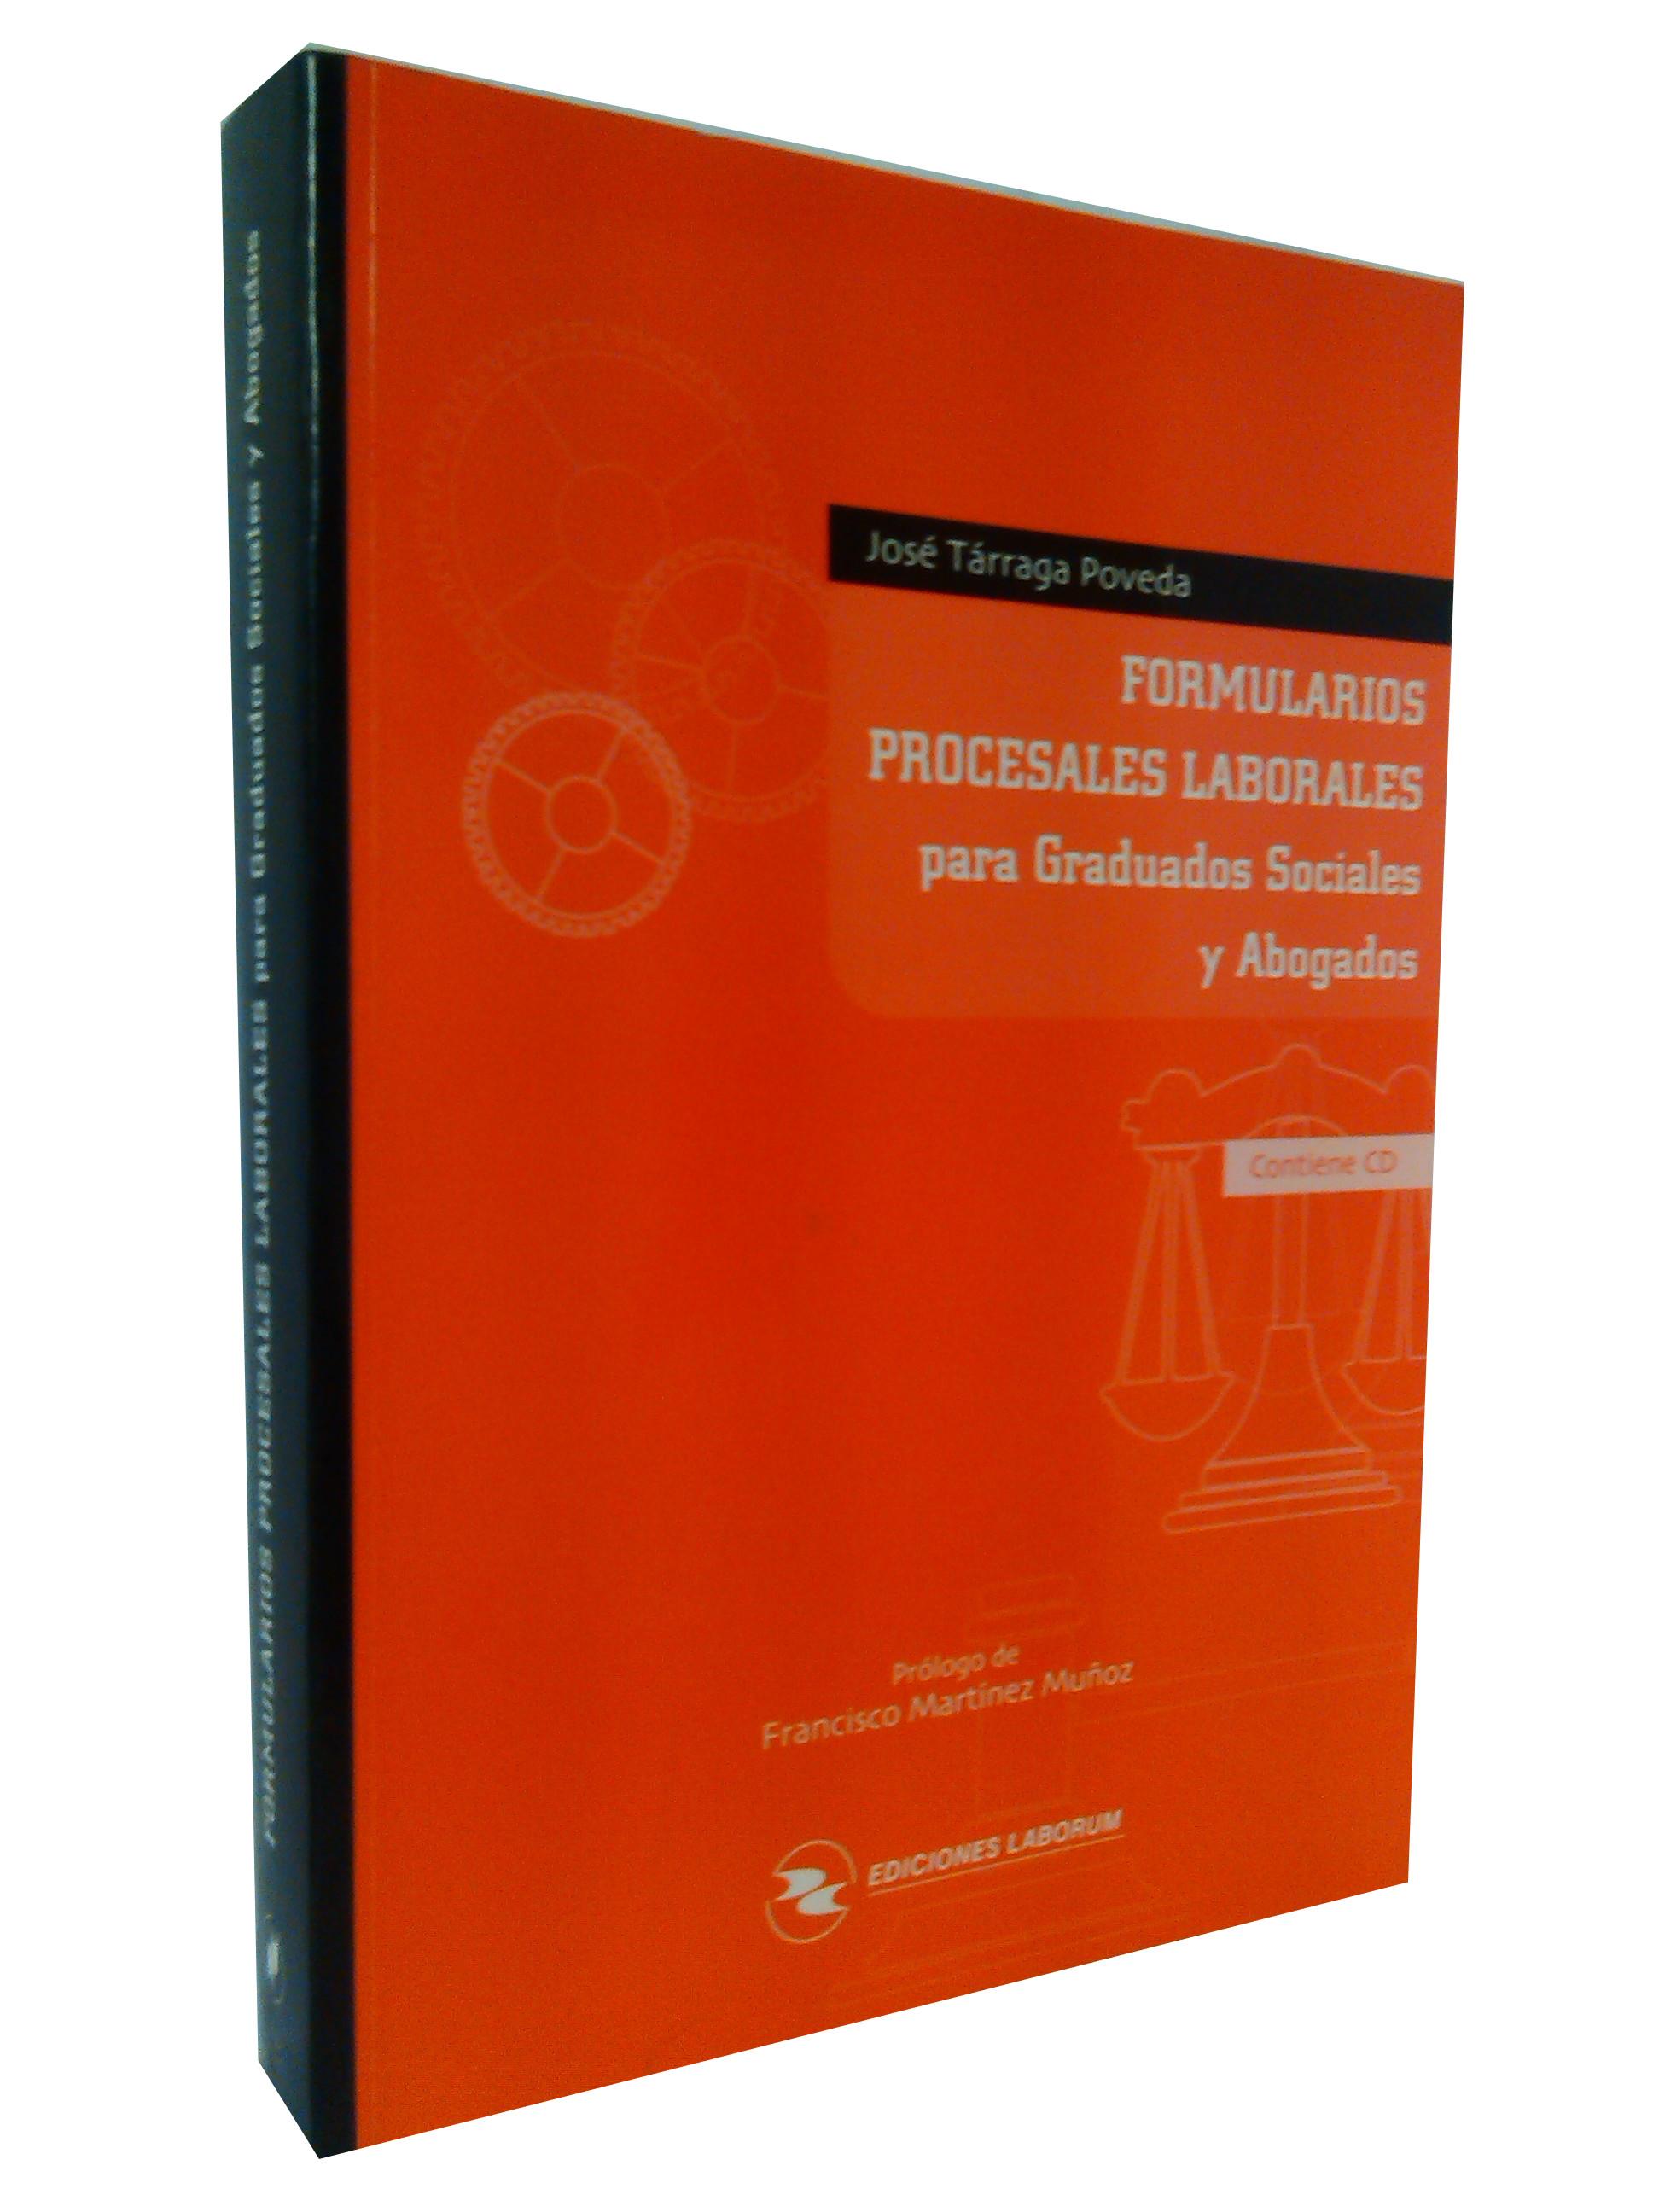 Formularios Procesales Laborales para Graduados Sociales y Abogados